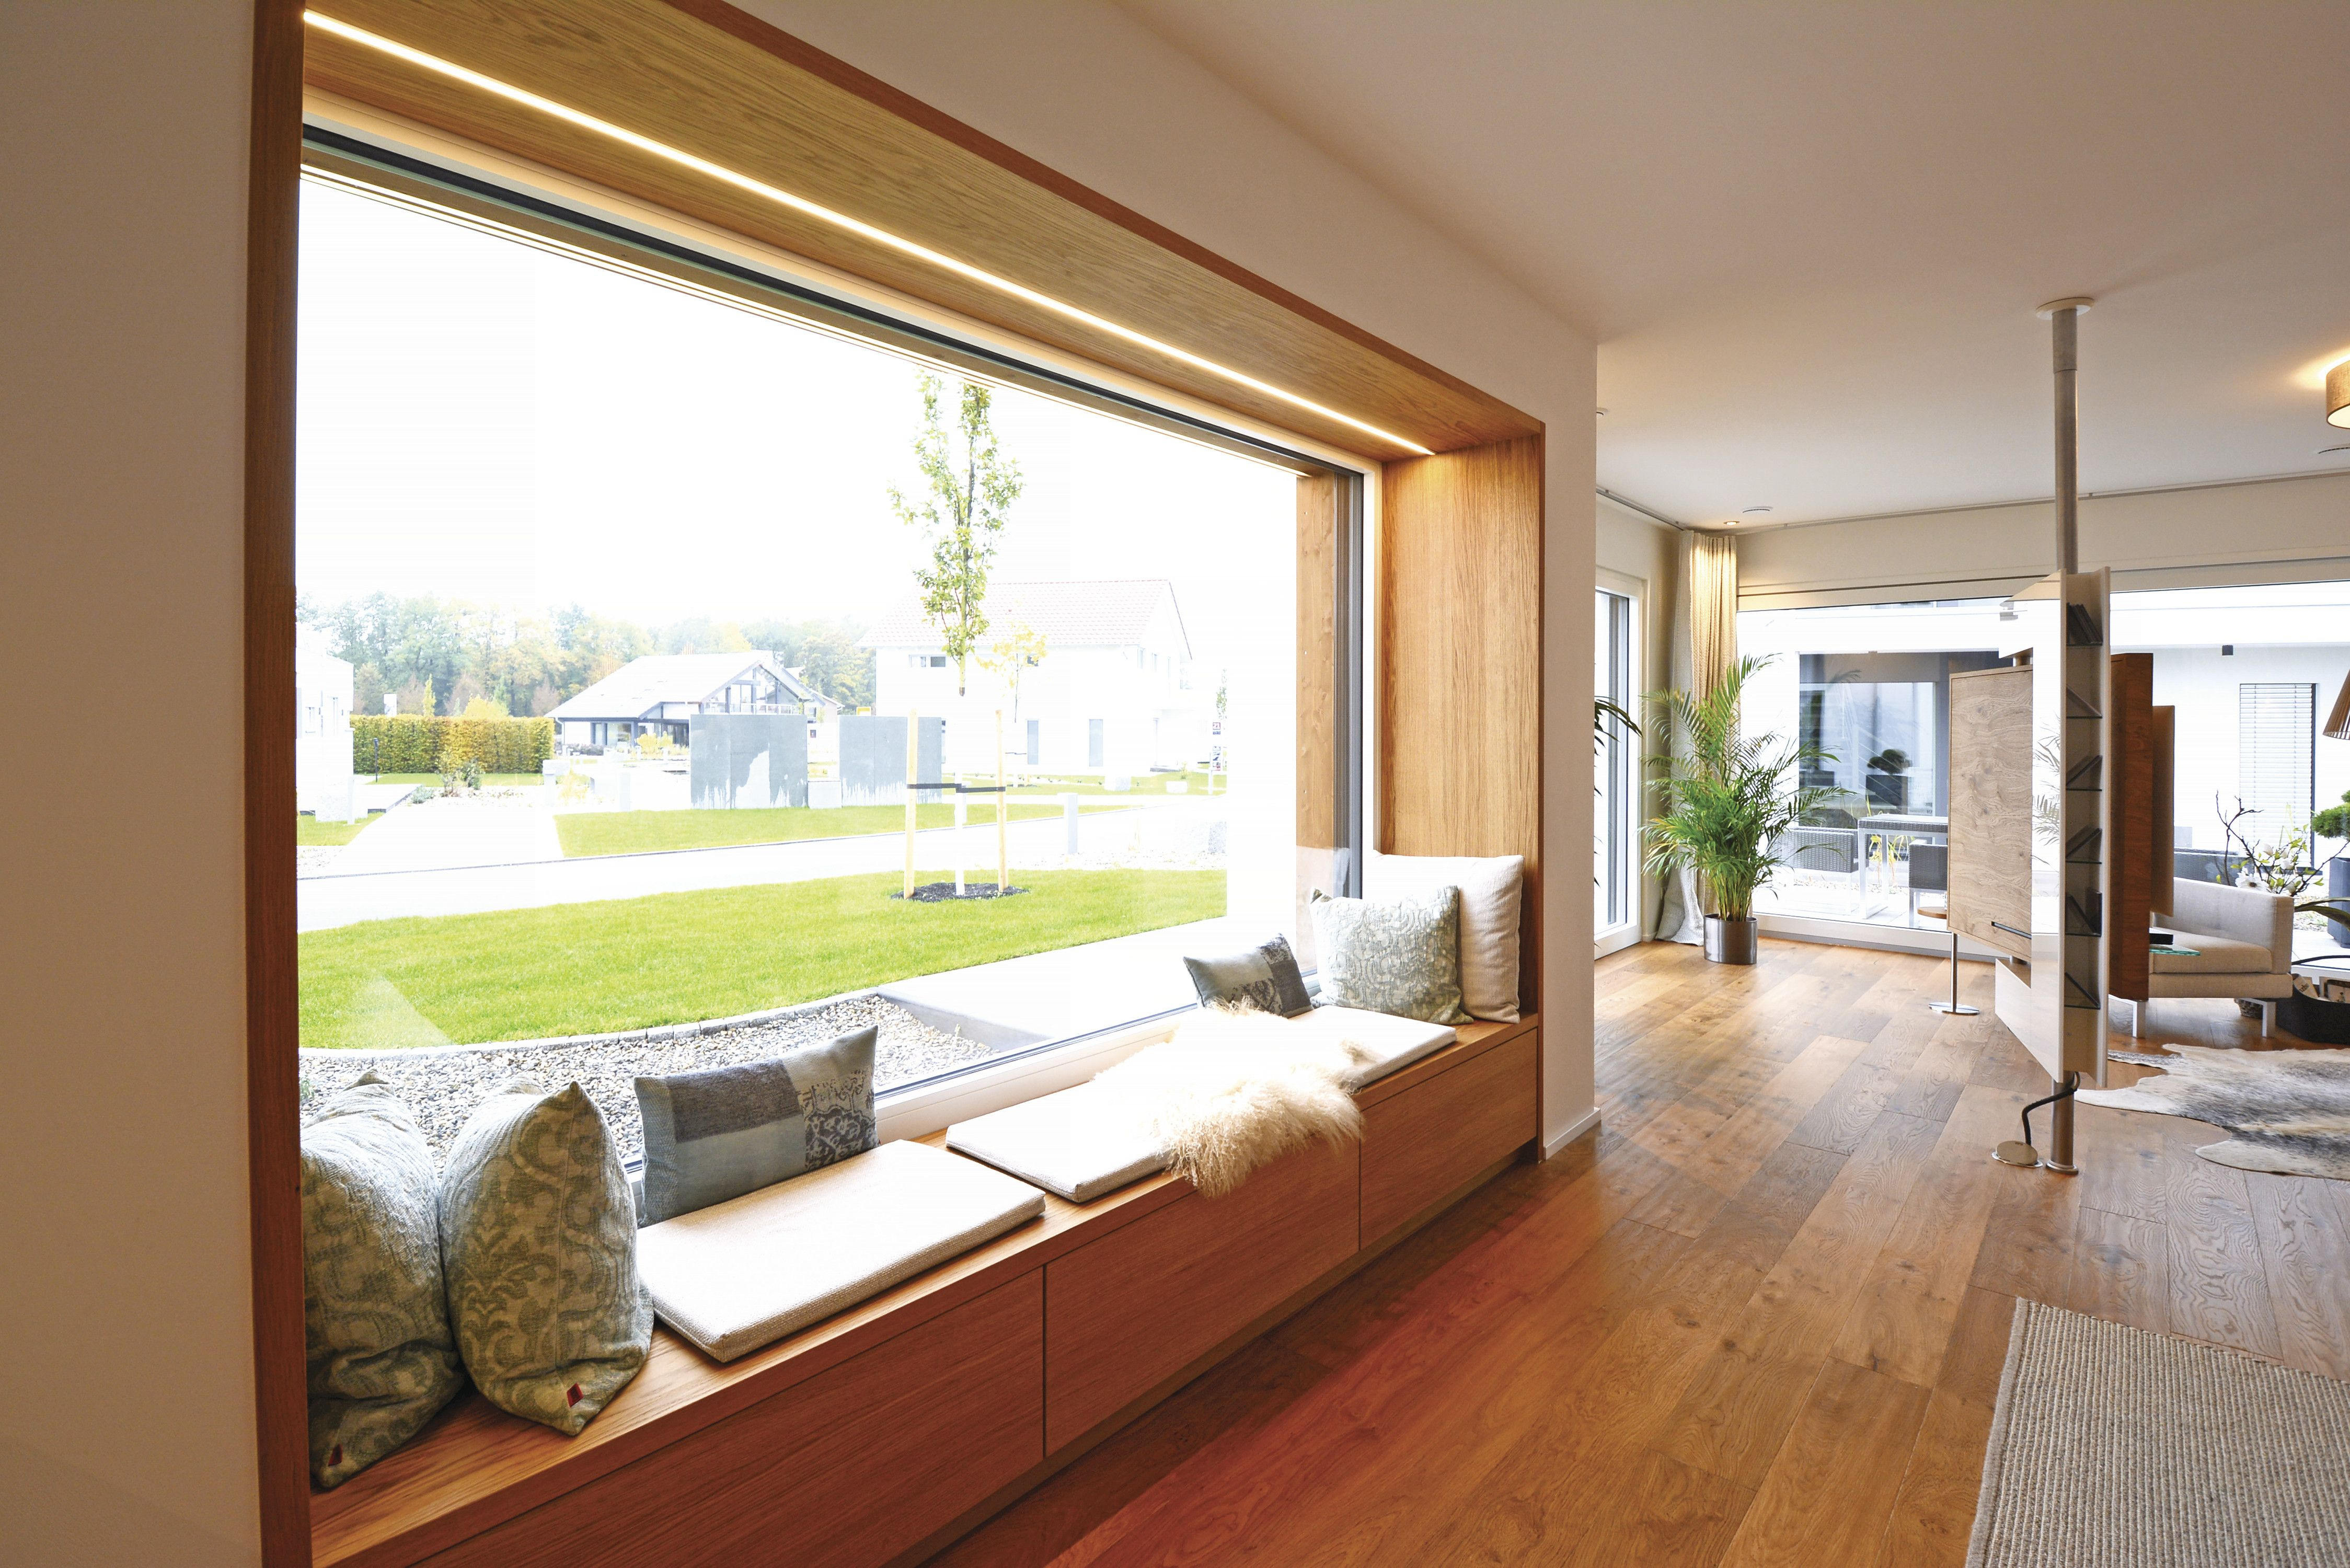 Fertighaus Bauen Mit Wohnen Weber Haus Wohnung Einrichten